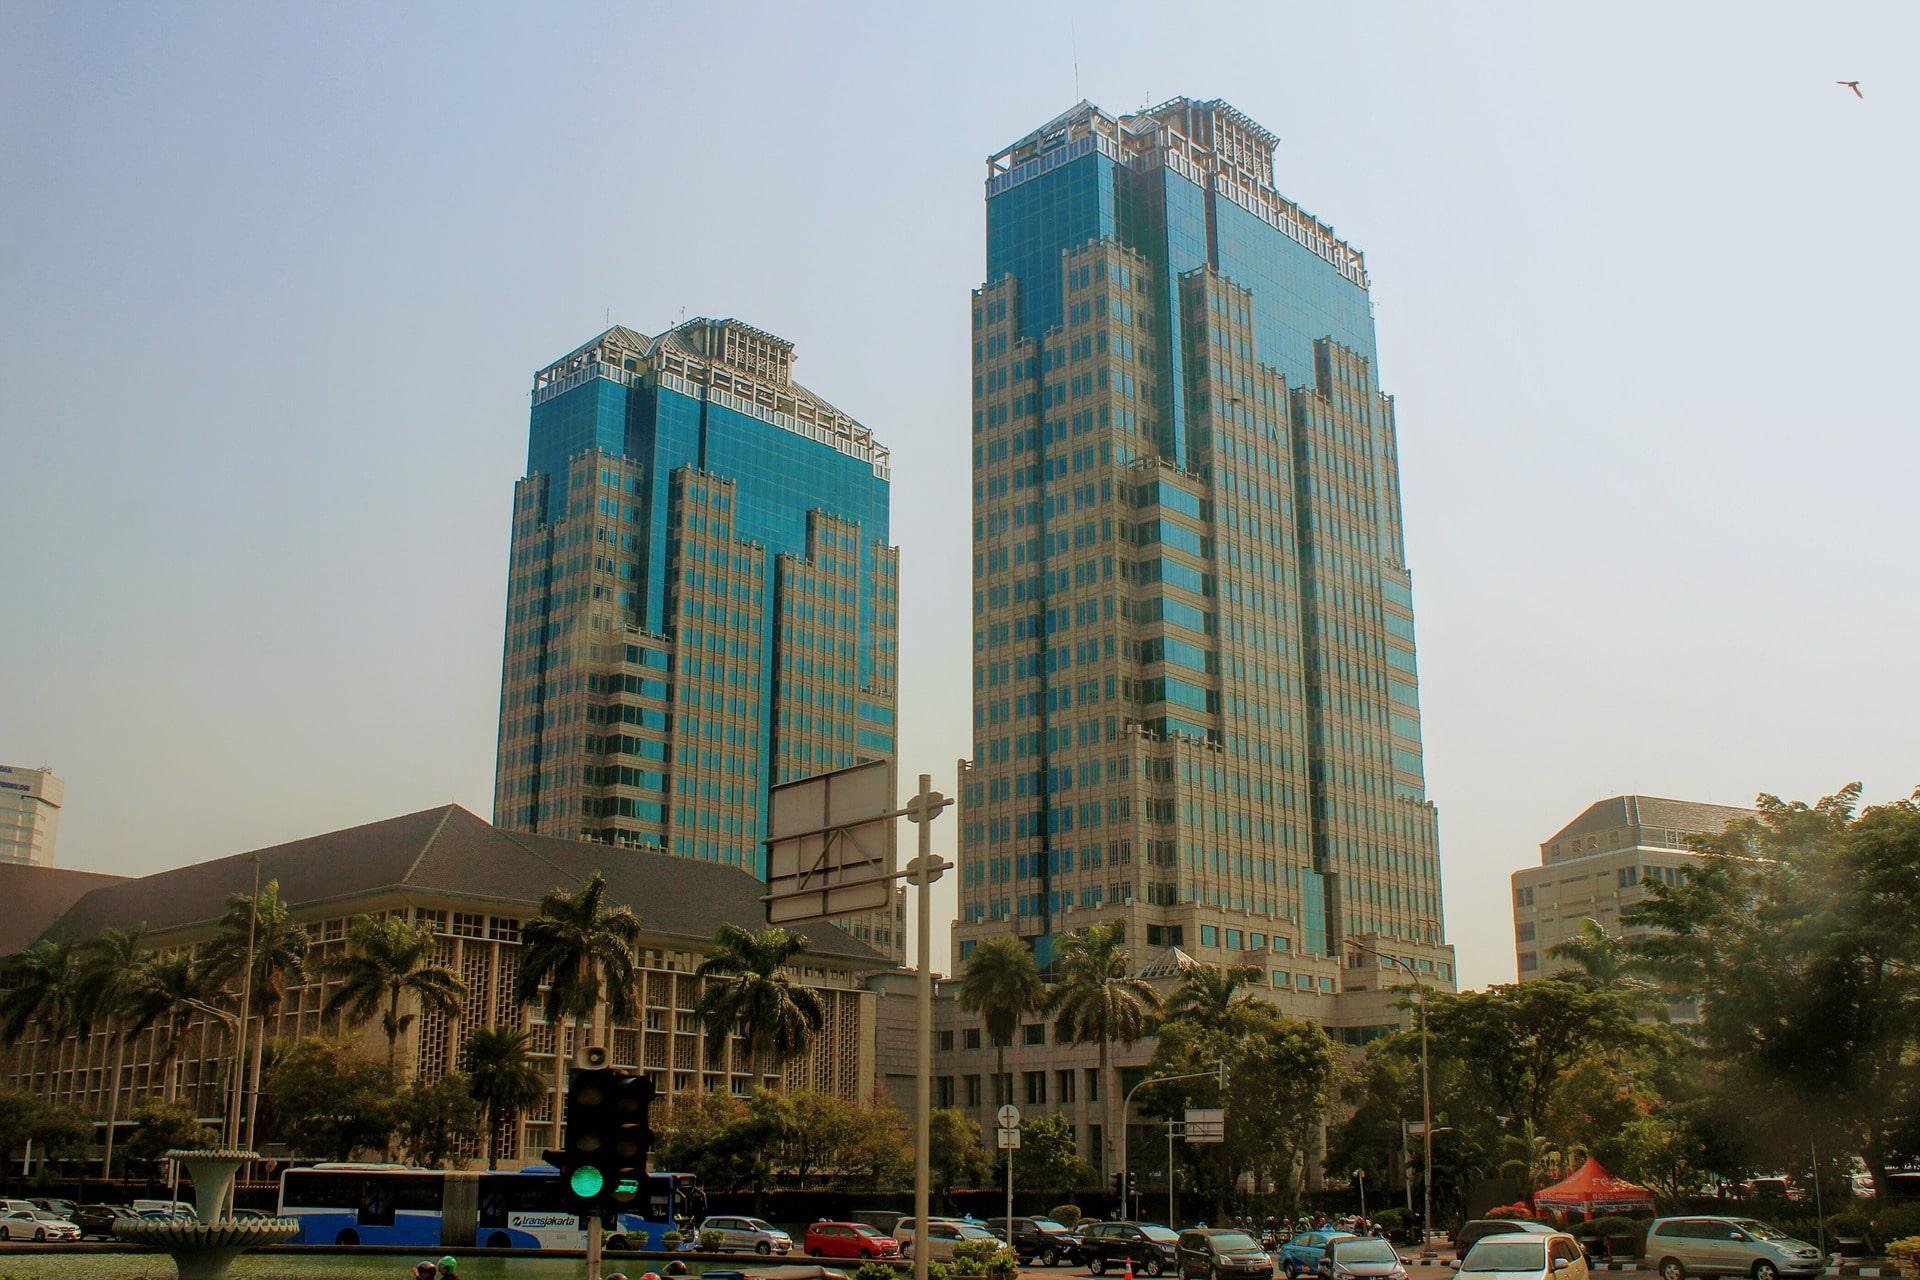 Le centre architectural de Jakarta